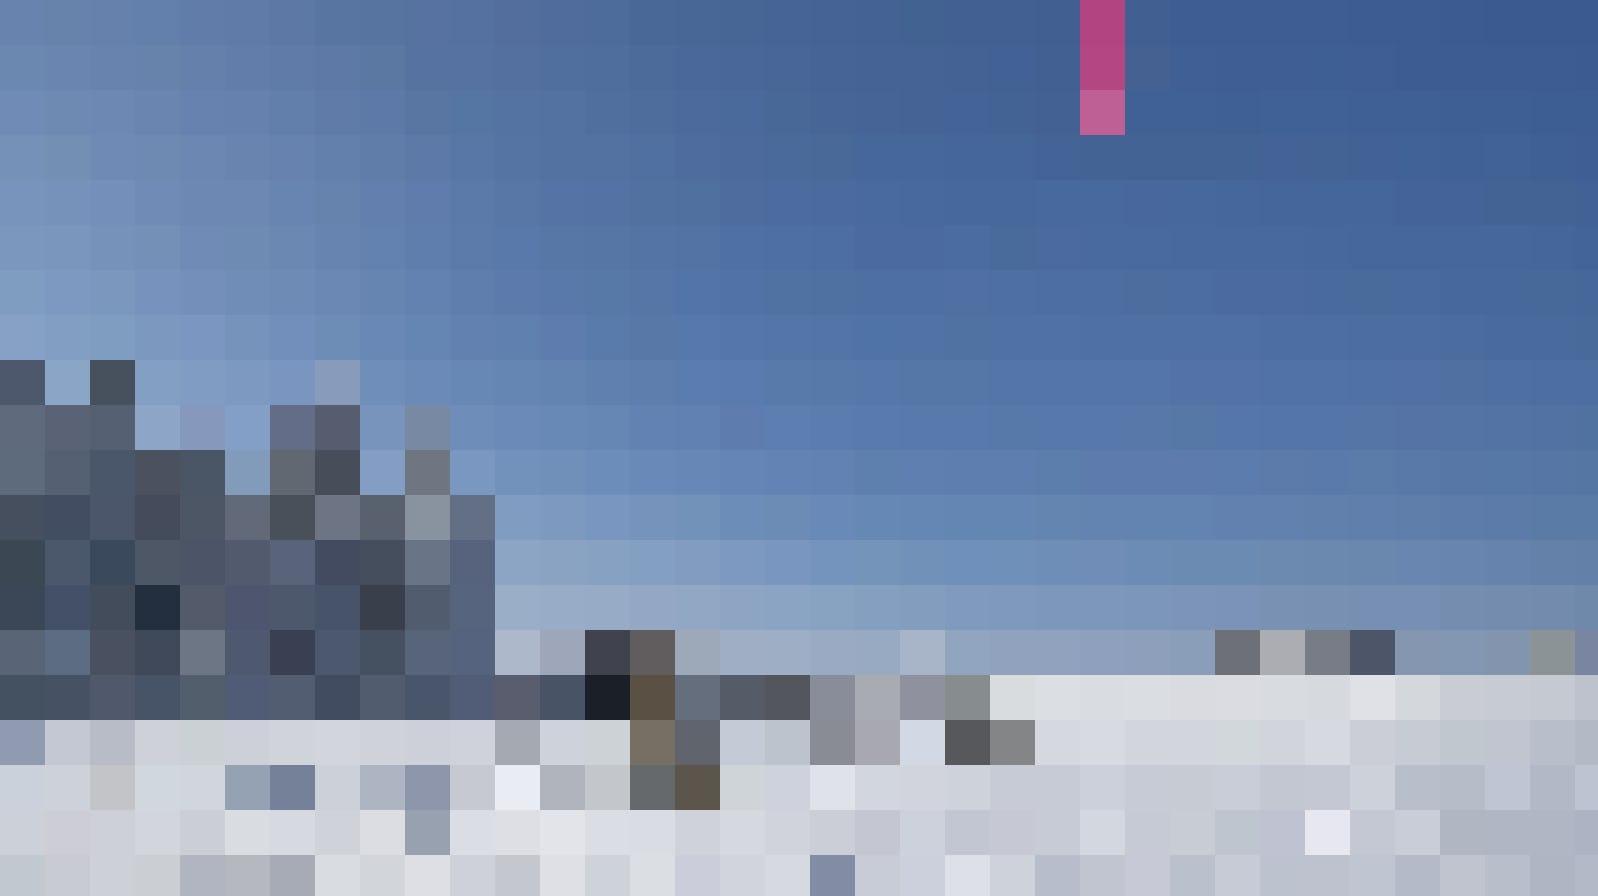 Beim Snowkiting rast du dank Windkraft laut- und mühelos über die weiten Flächen des Juras.